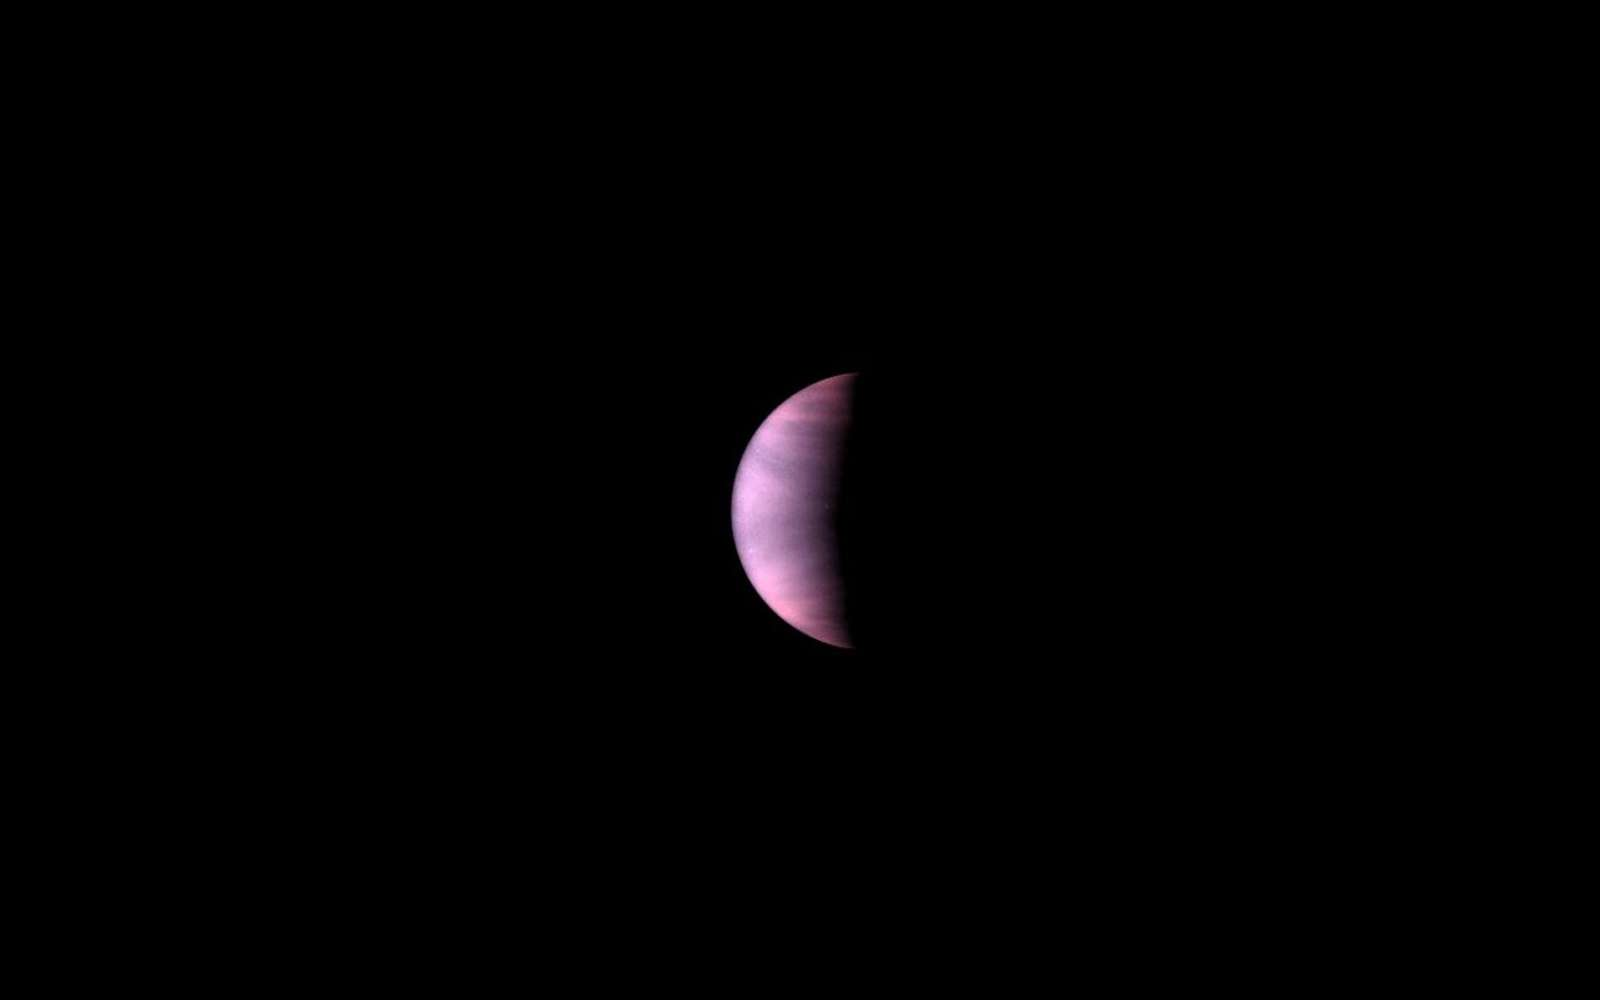 Vénus photographiée par hubble en 1995. © Nasa, ESA, Hubble